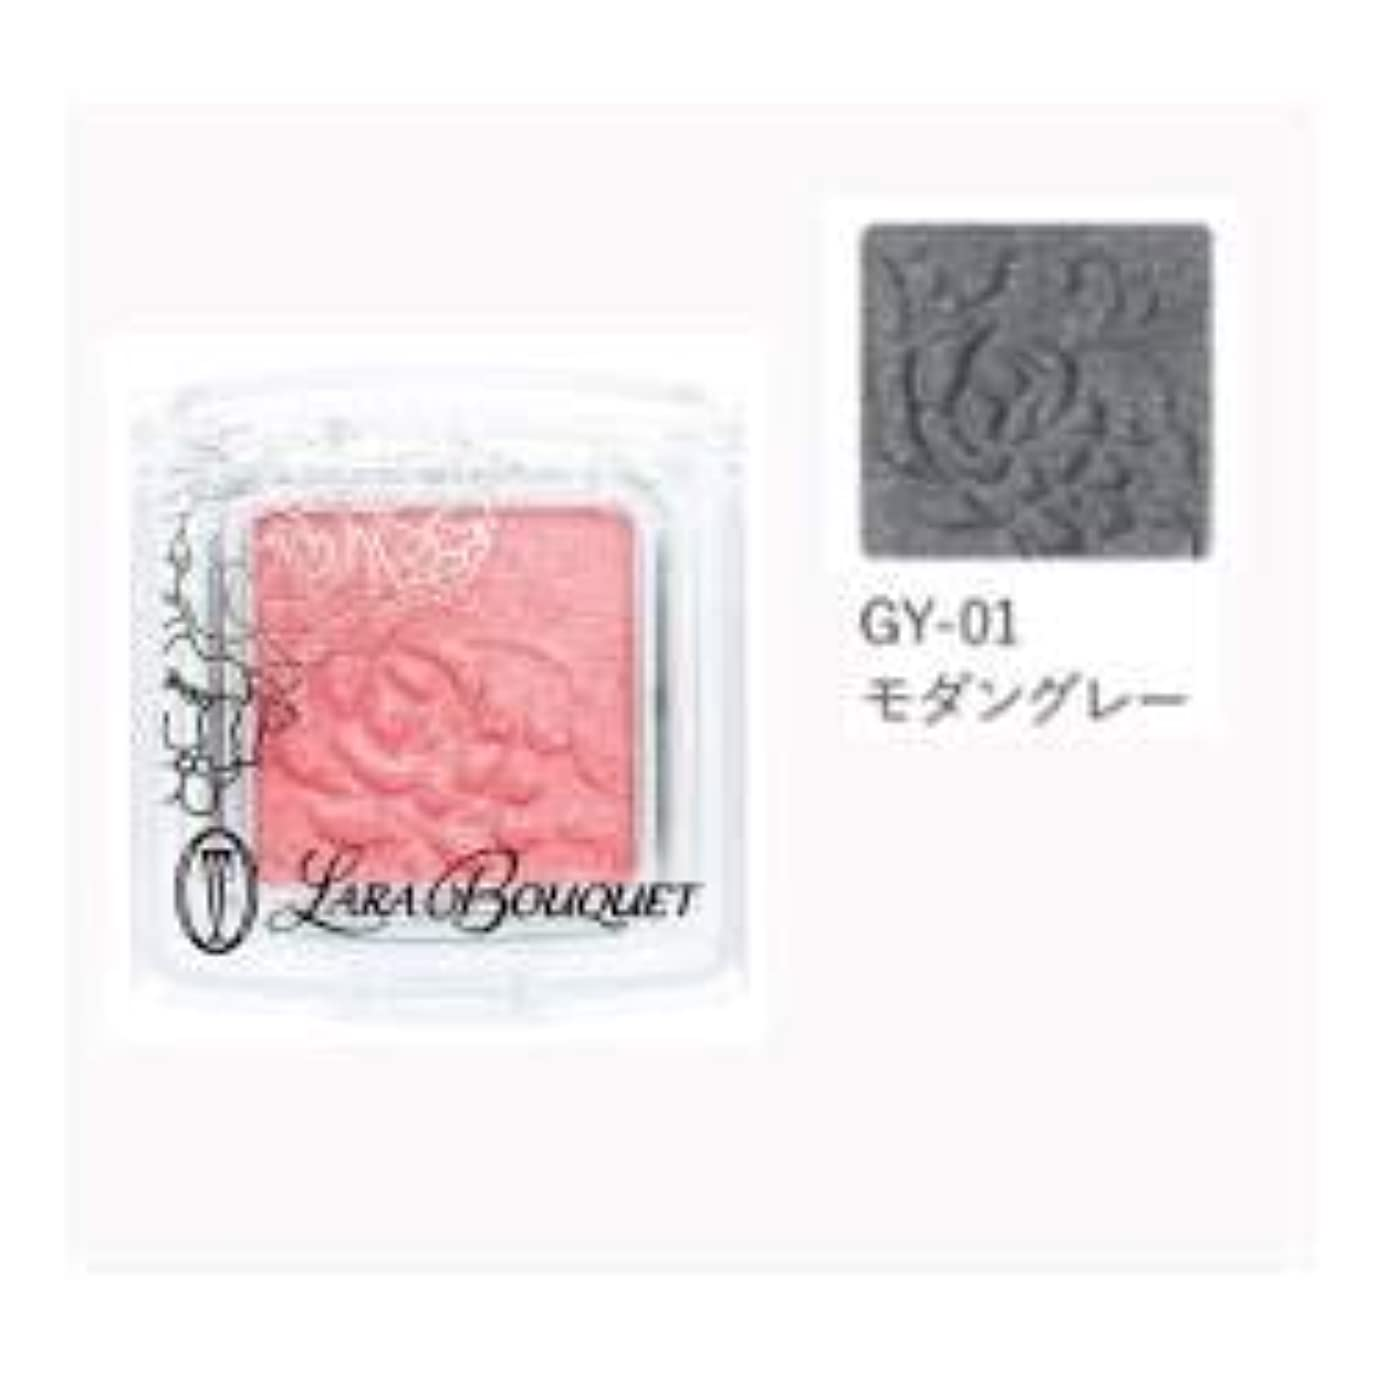 適用するビタミン重さトワニー ララブーケアイカラーフレッシュ GY-01